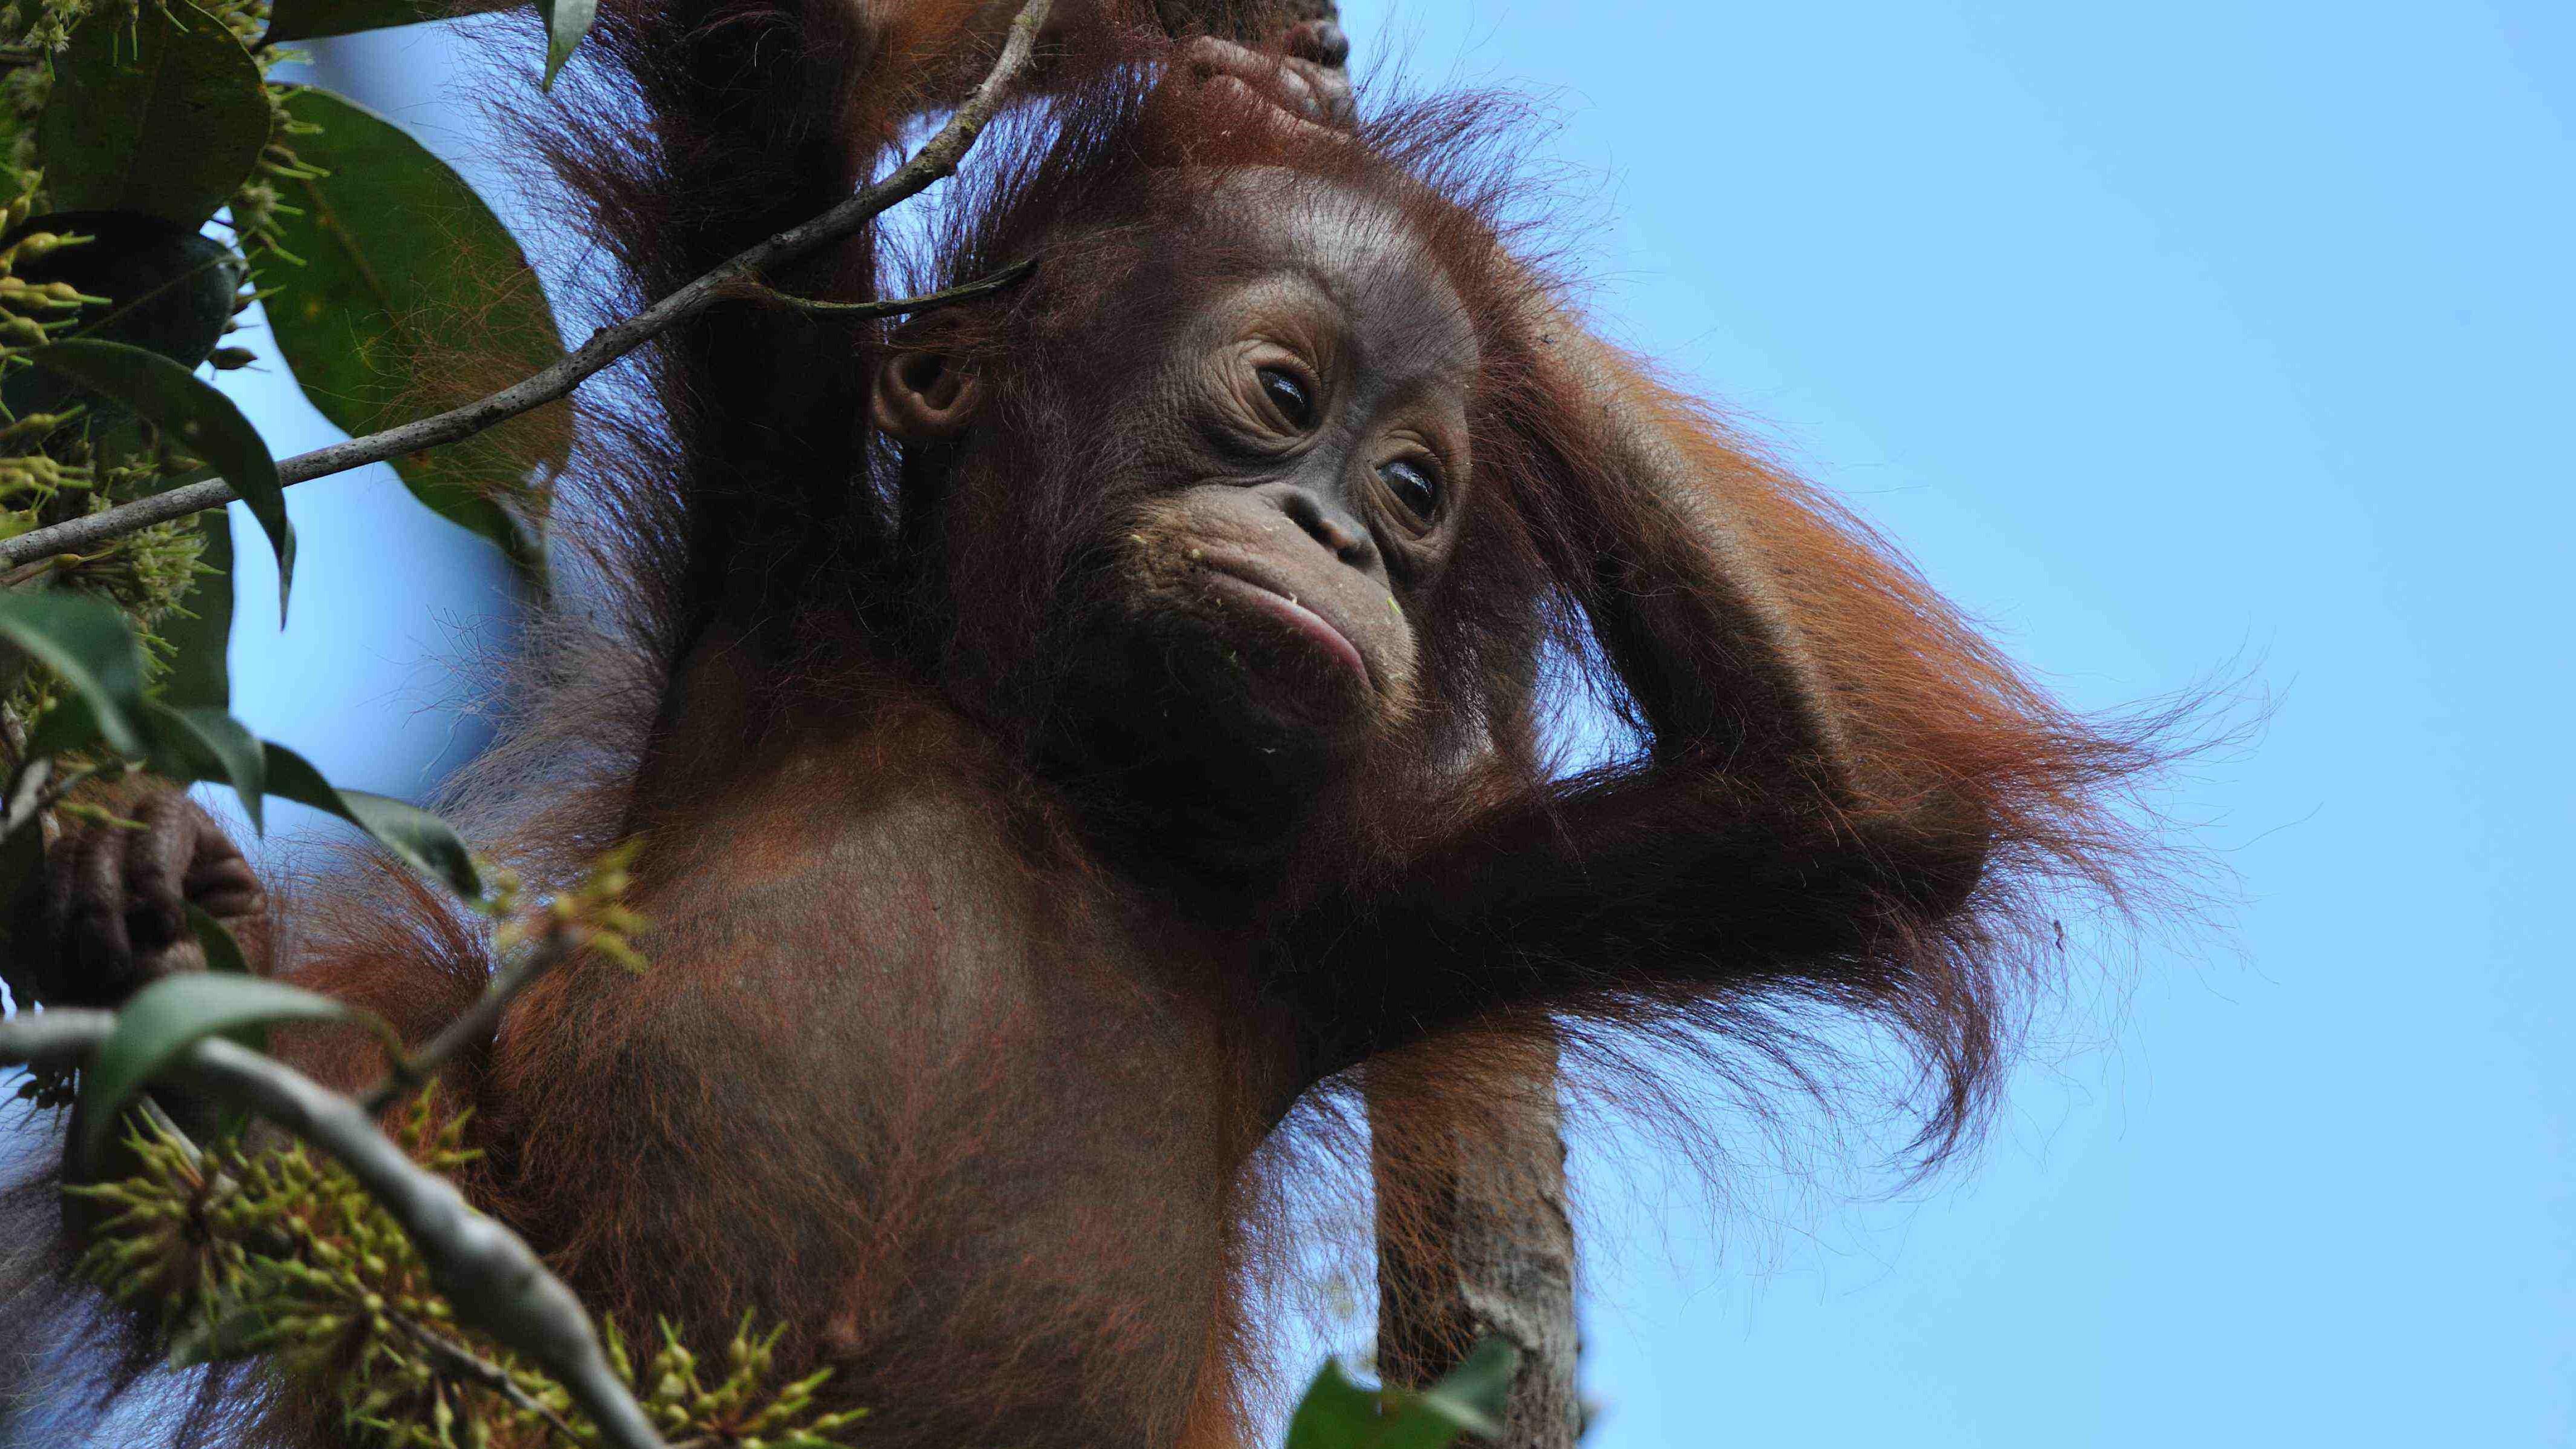 Kalimantan exclusive tanjung puting tour trip wildlife safari jungle rain forest dayak culture guide